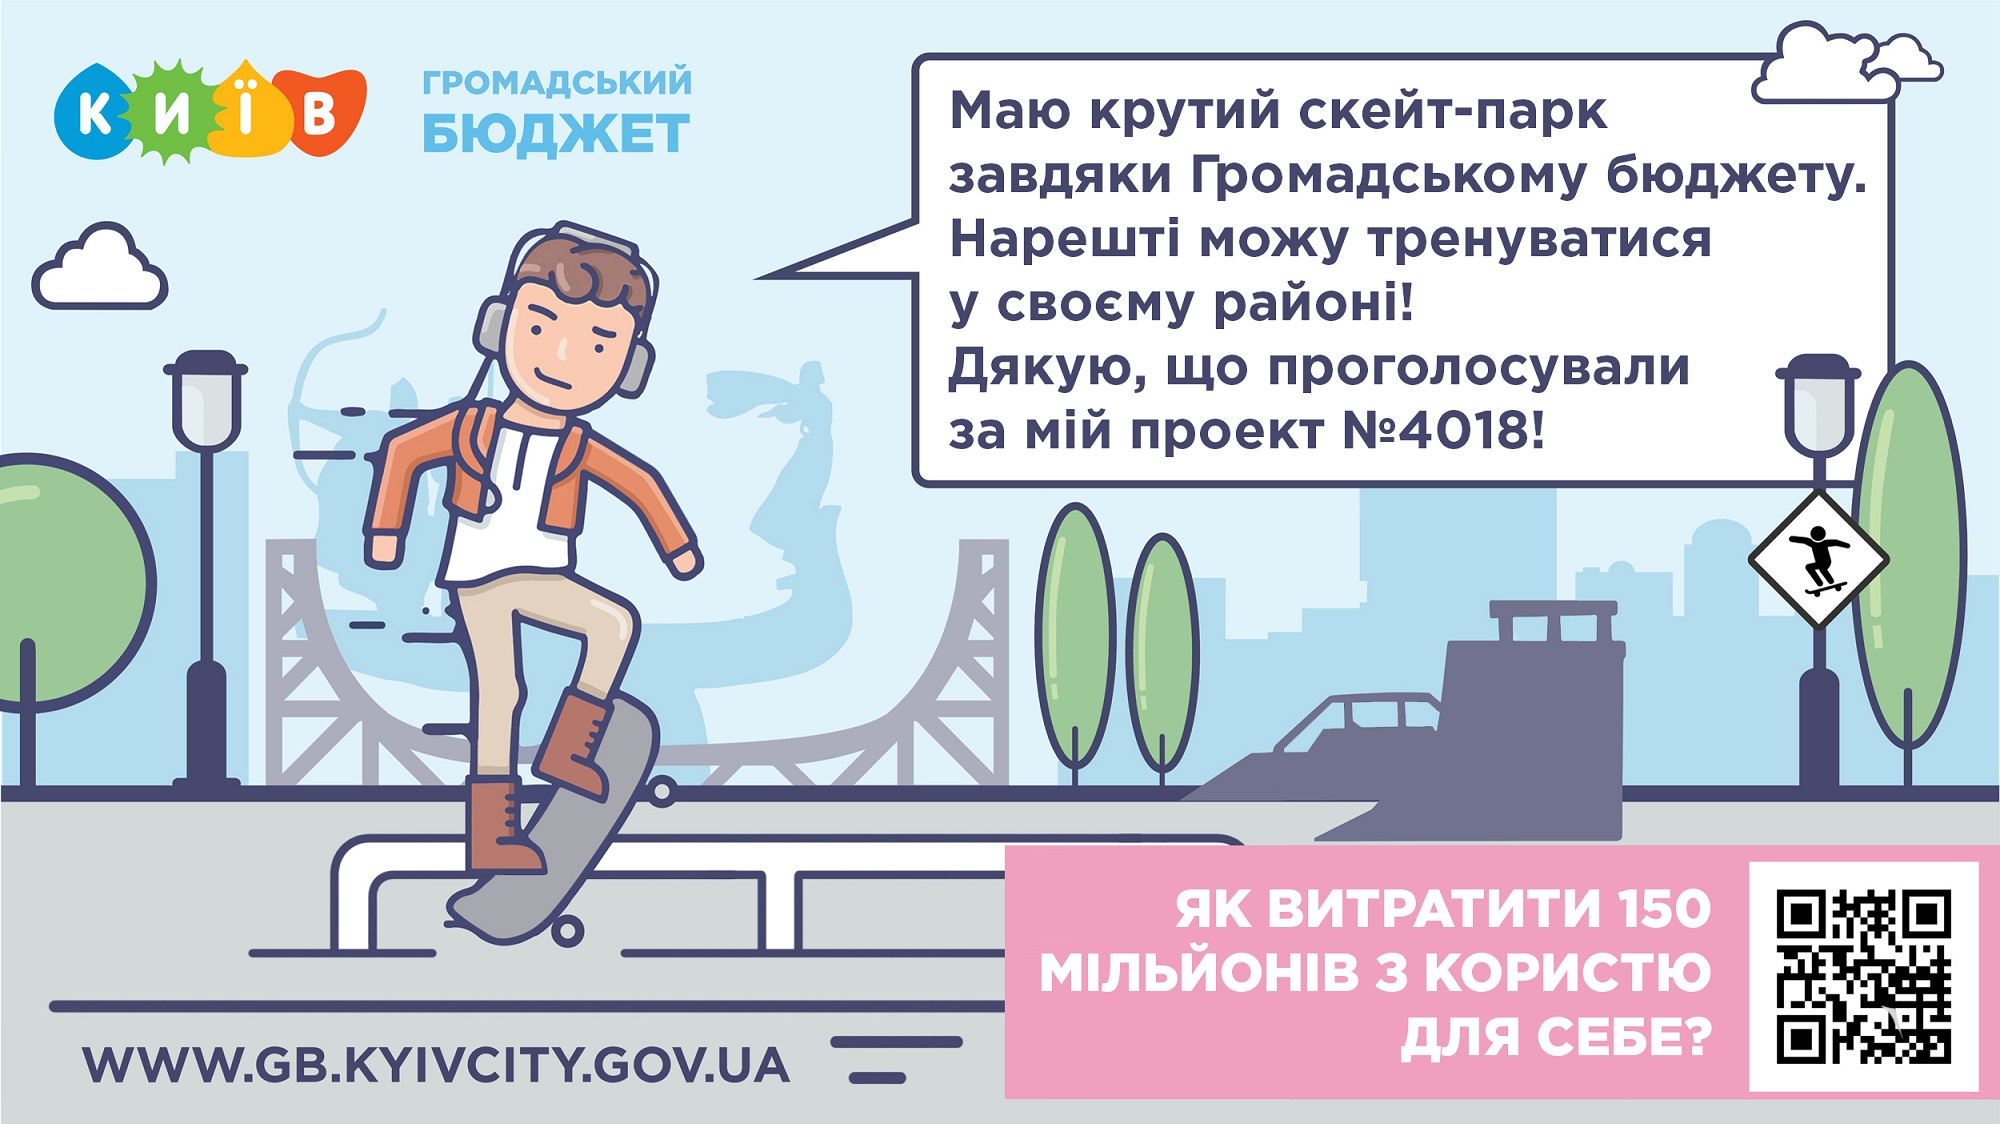 Сюжет №2 (спорт) Громадський бюджет Києва